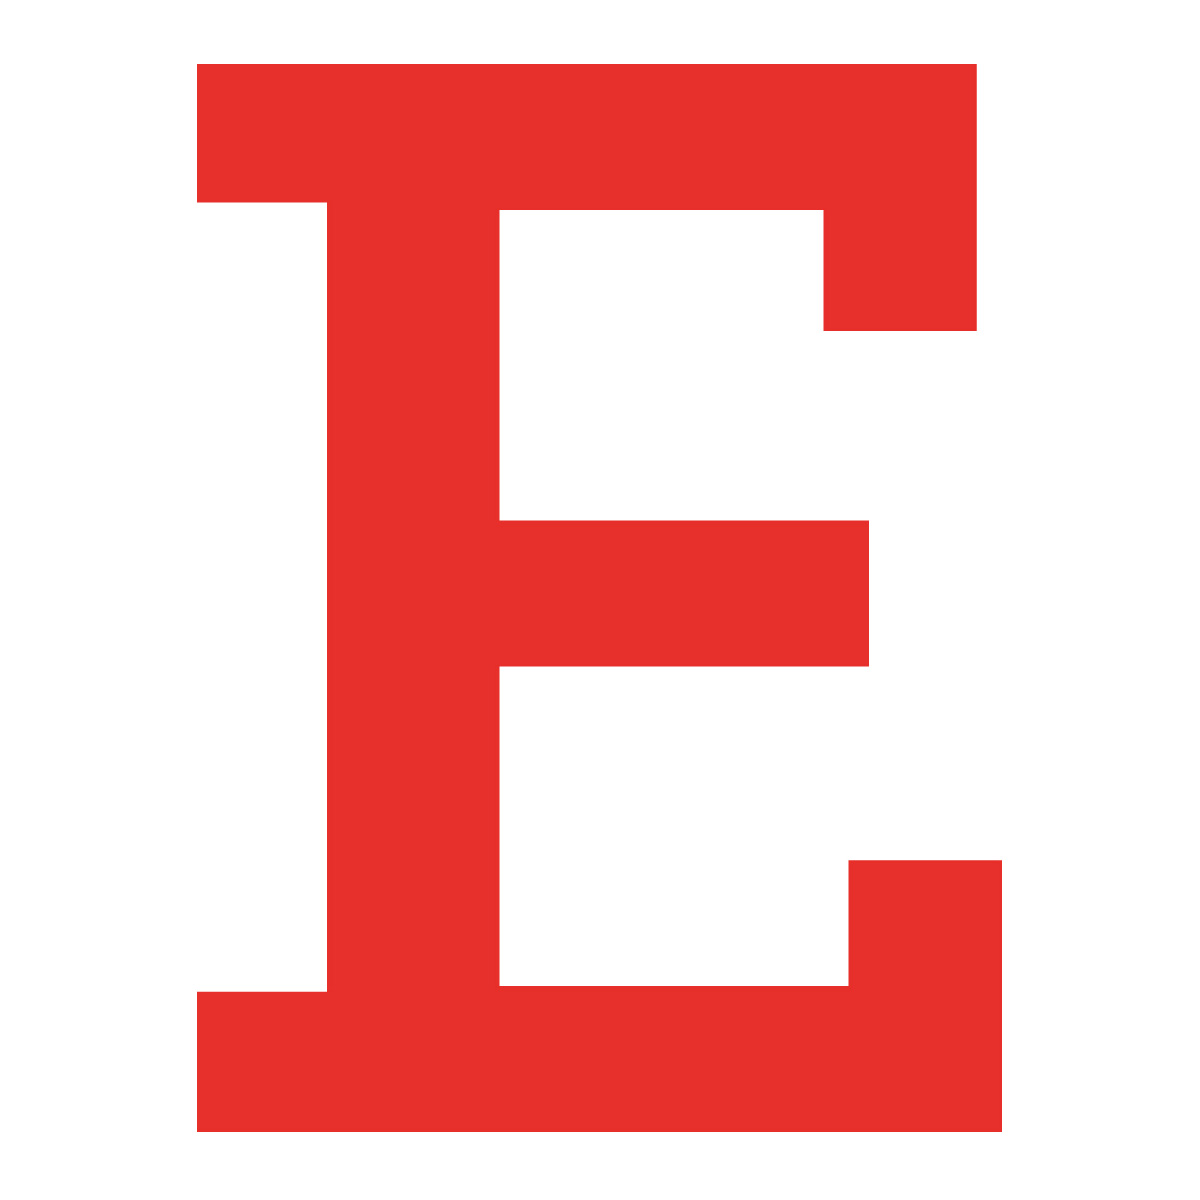 E logo Wallpaper